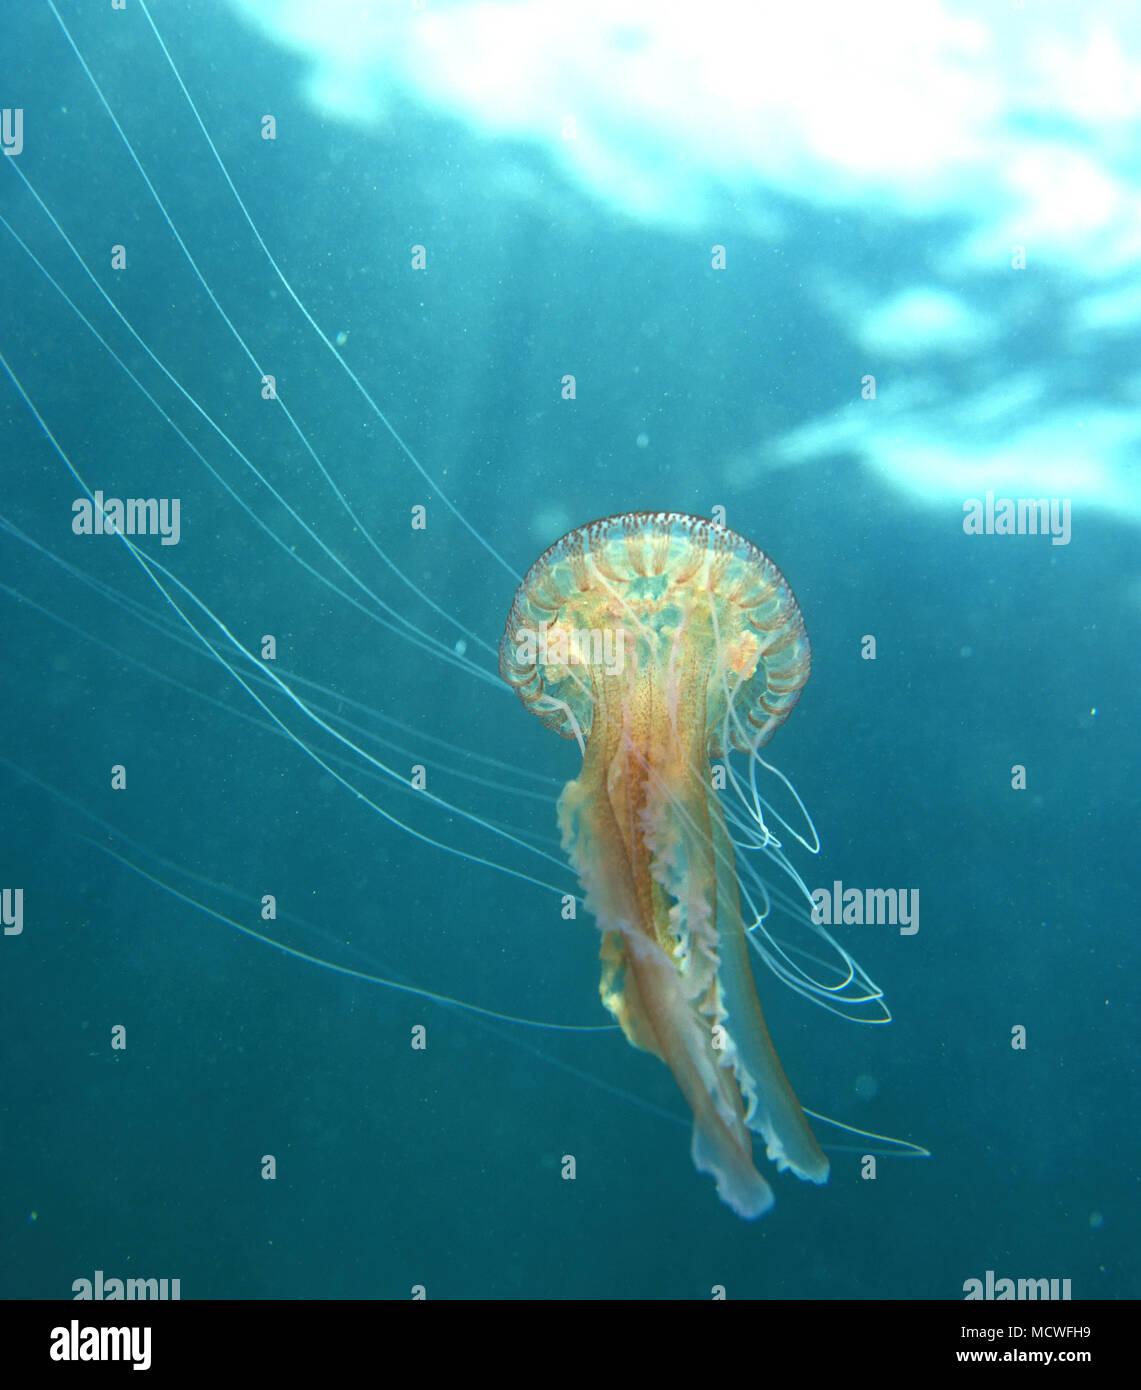 Les méduses ou mauve, Pelagia noctiluca stinger. S'agit en général d'une espèce à l'étranger, même si parfois il est lavé près du littoral et peut être Photo Stock